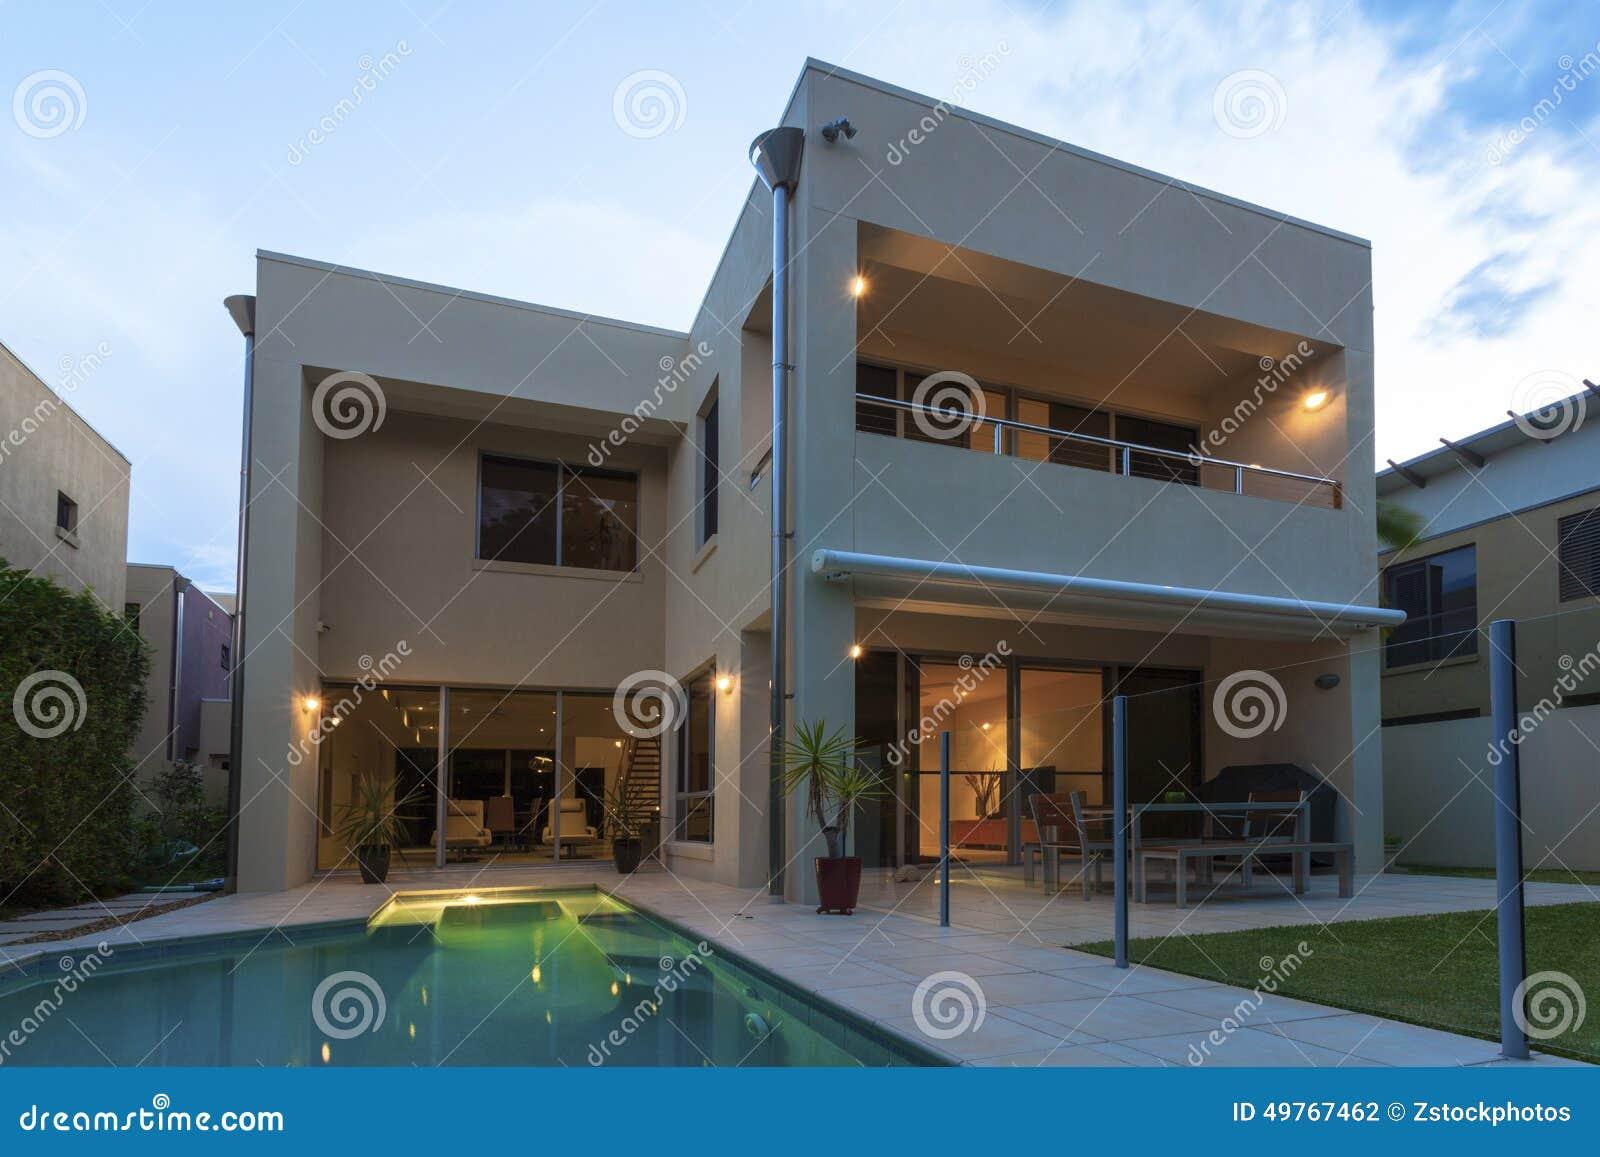 Modernes Haus Außen An Der Dämmerung Stockfoto - Bild von quadrat ...